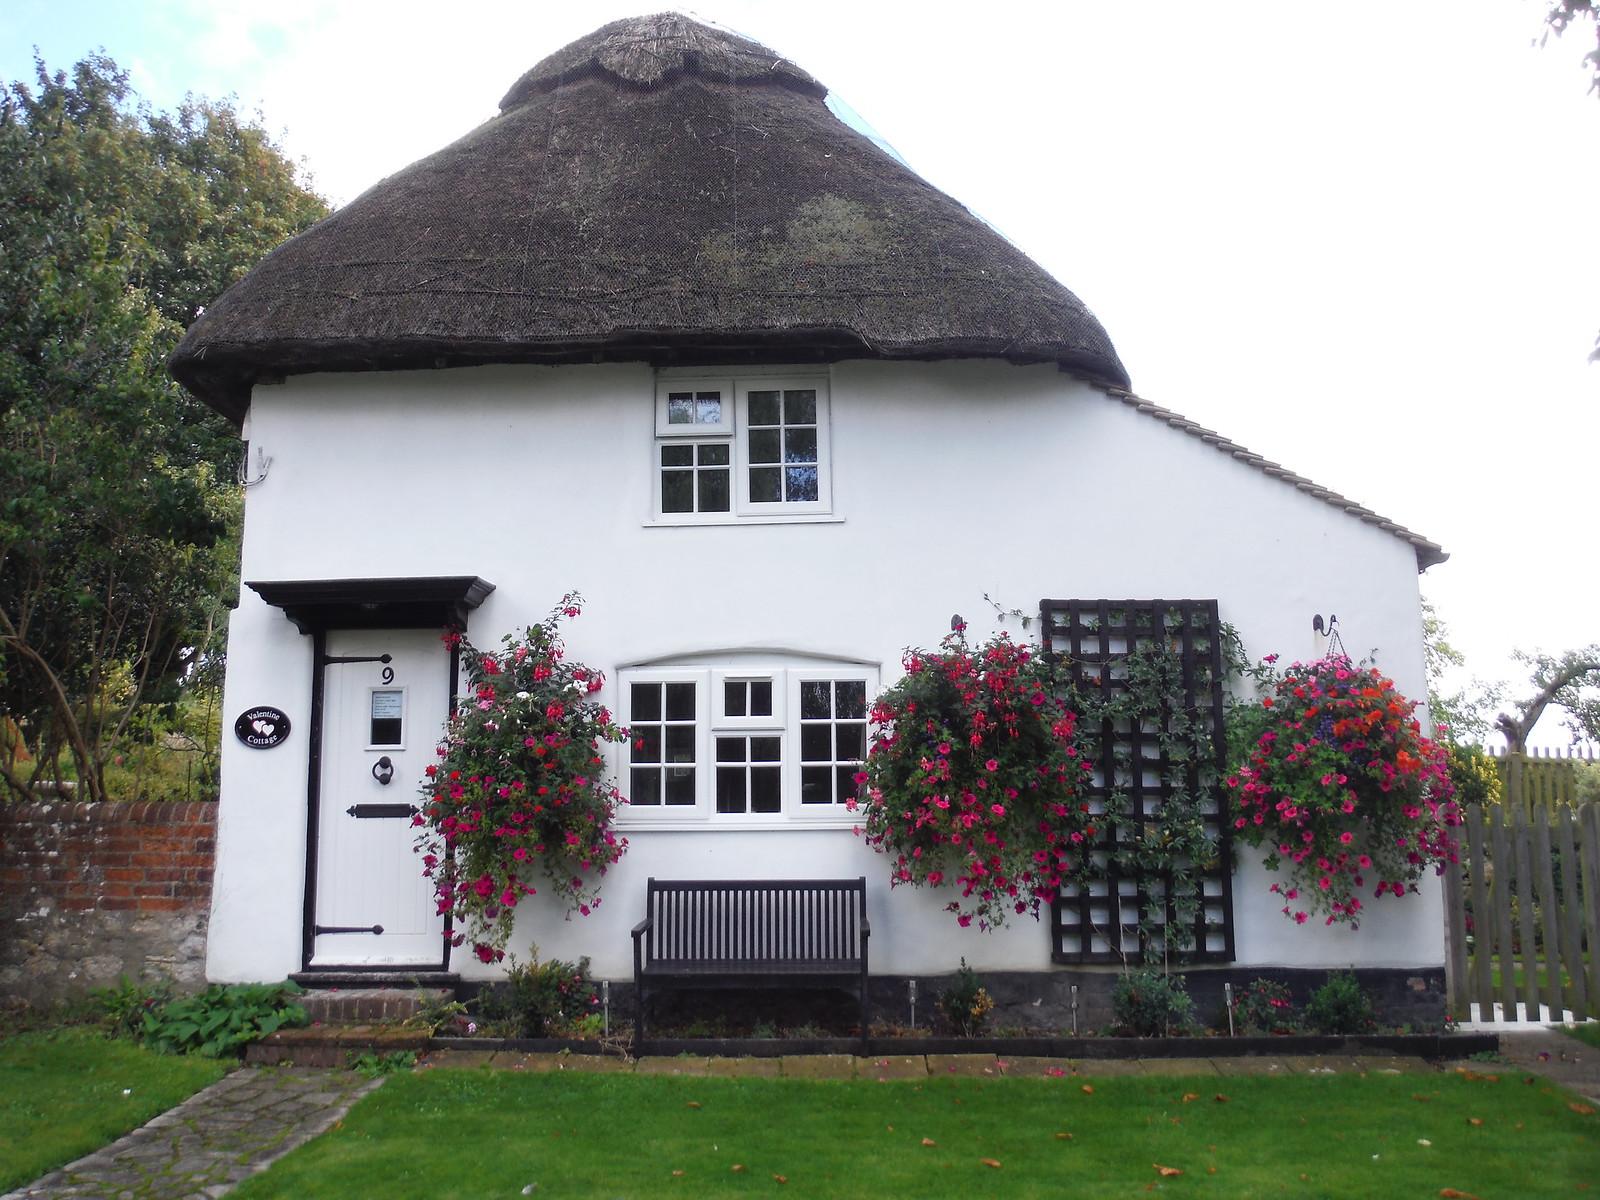 House in Weedon SWC Walk 194 Aylesbury Vale Parkway to Aylesbury